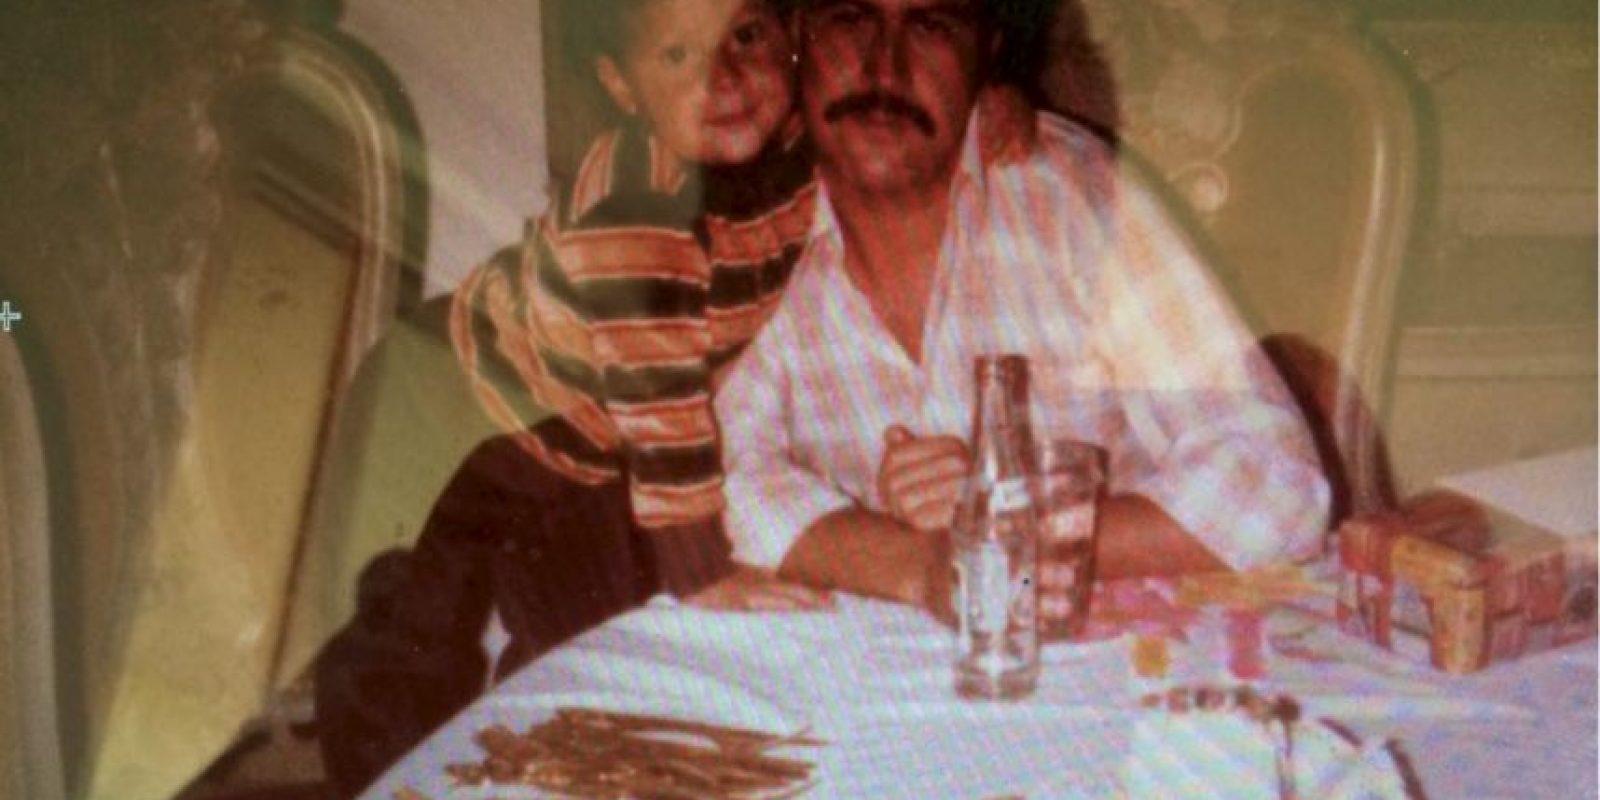 Fue abatido el 1 de diciembre de 1993 Foto:Vía Facebook.com/JuanPabloEscobarHenao